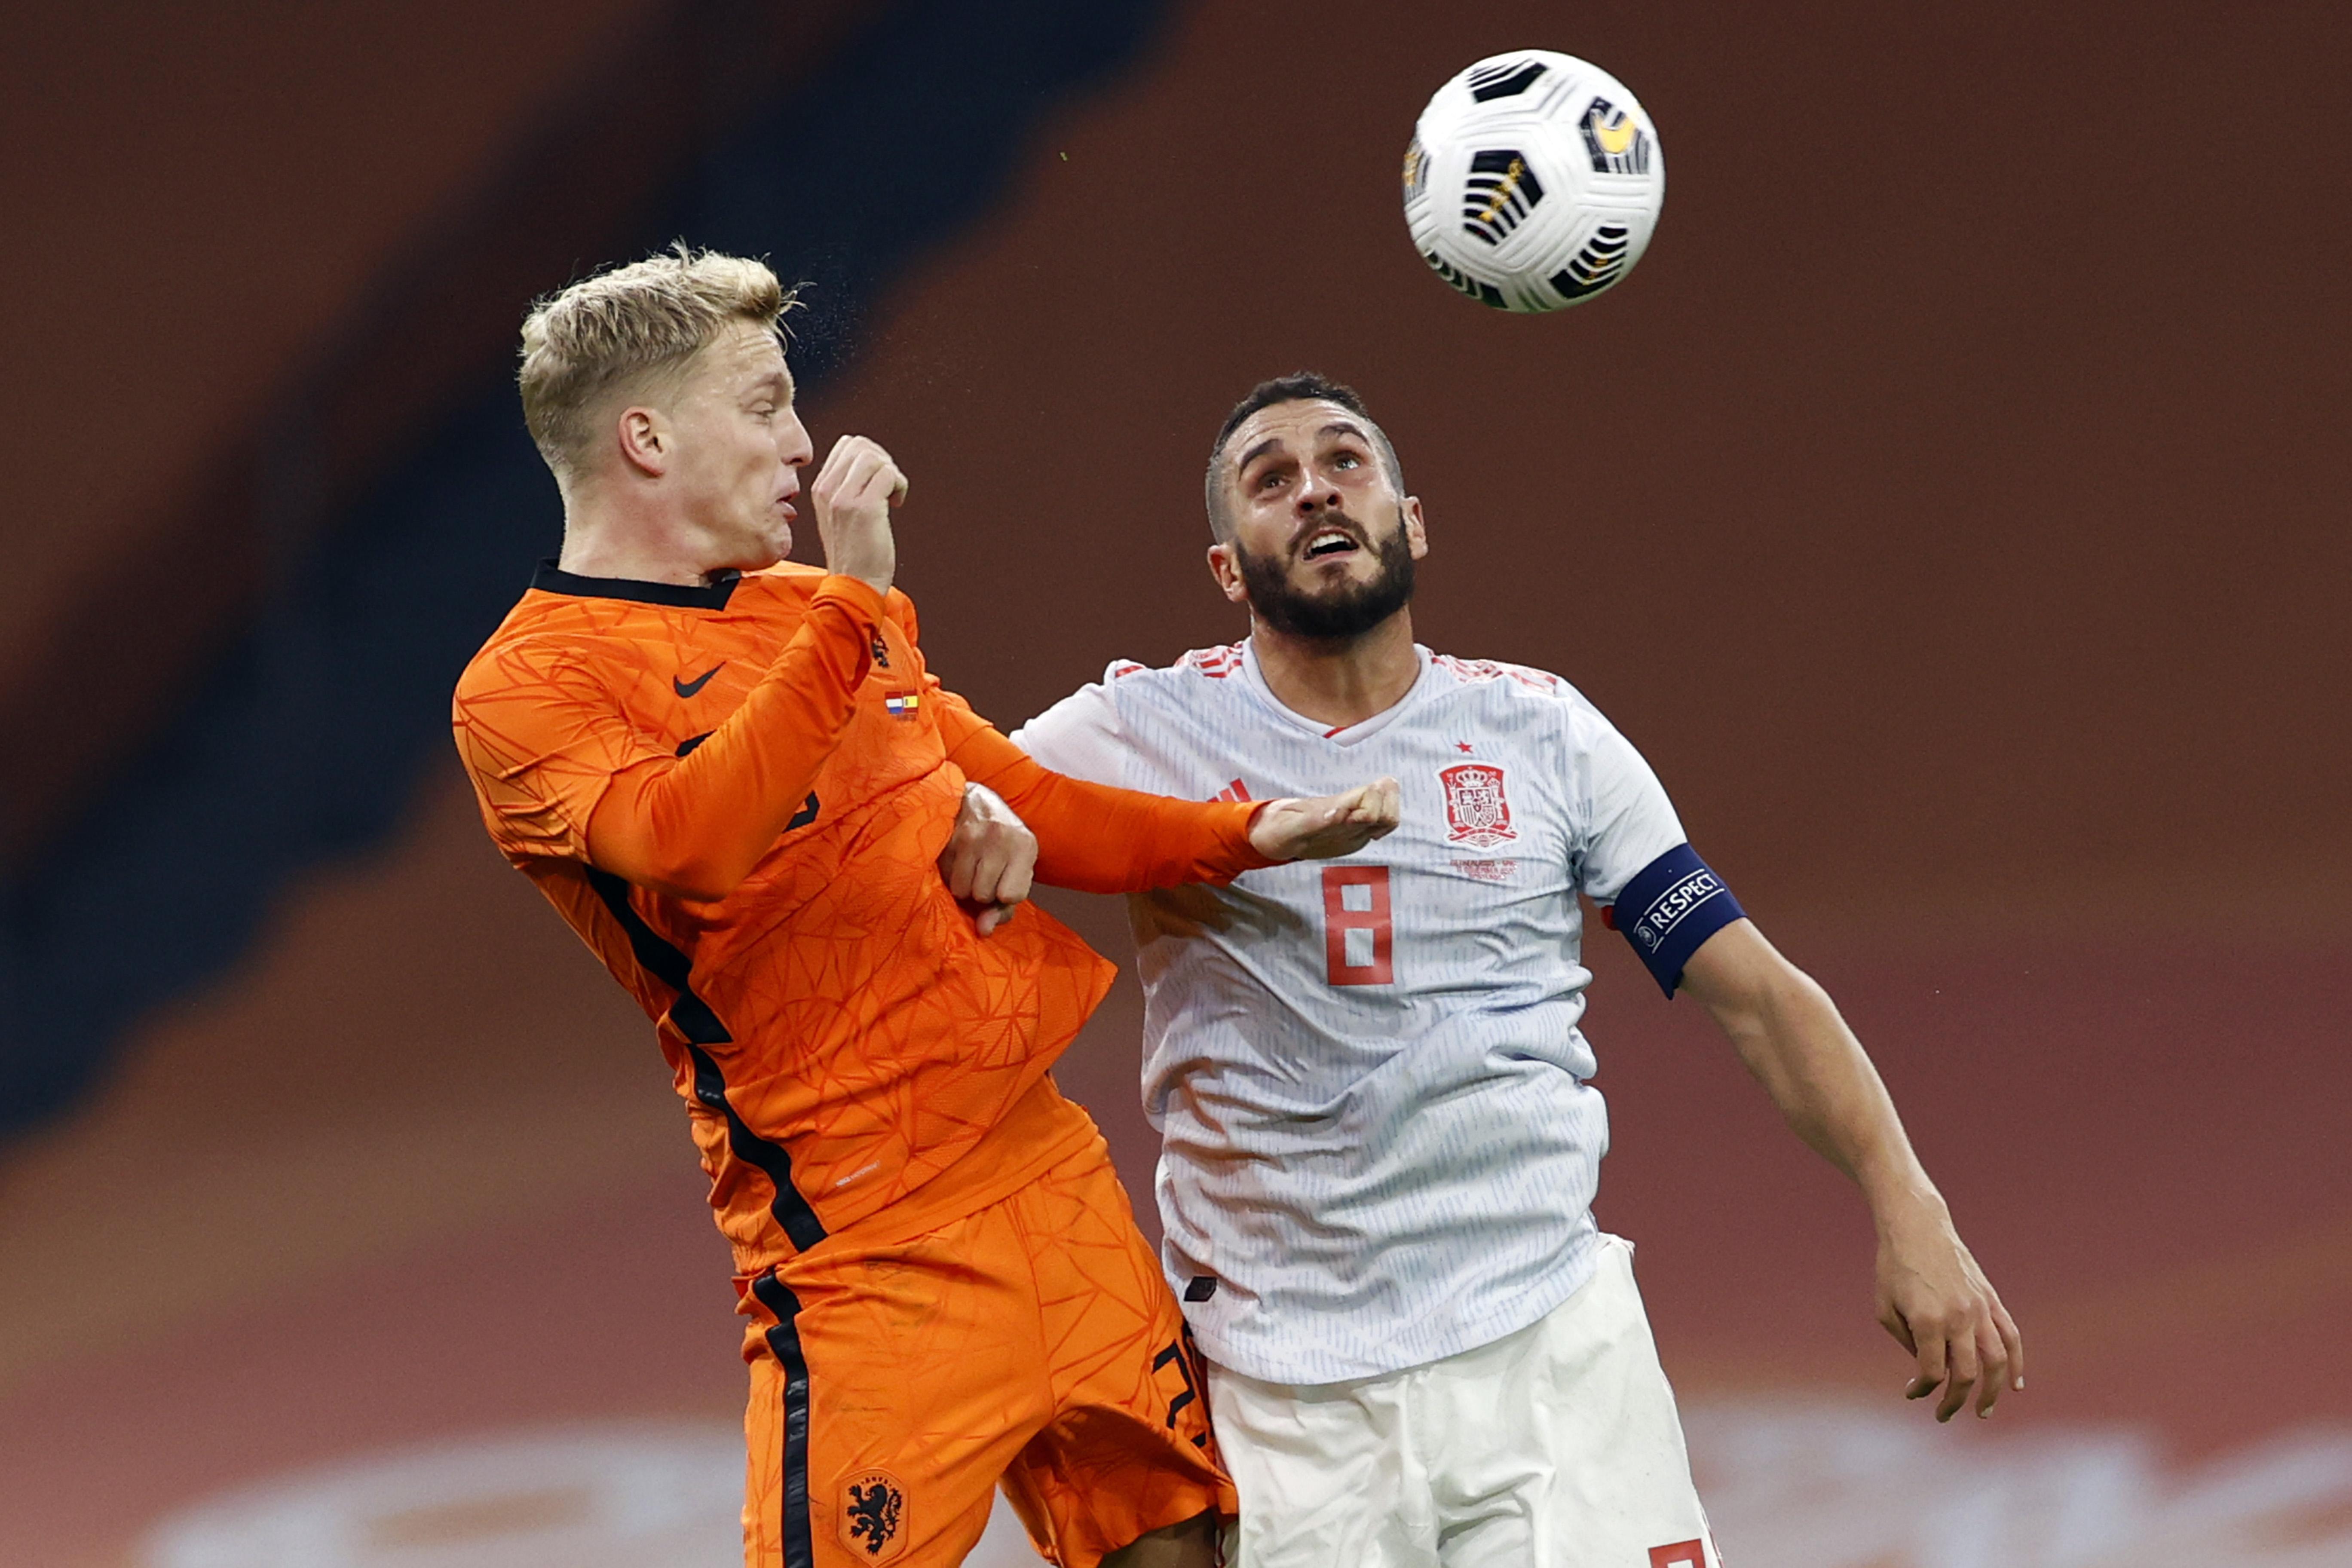 Weer geen zege De Boer: Oranje maakt ook tegen sterker geacht Spanje indruk, maar haalt trekker niet over [video]